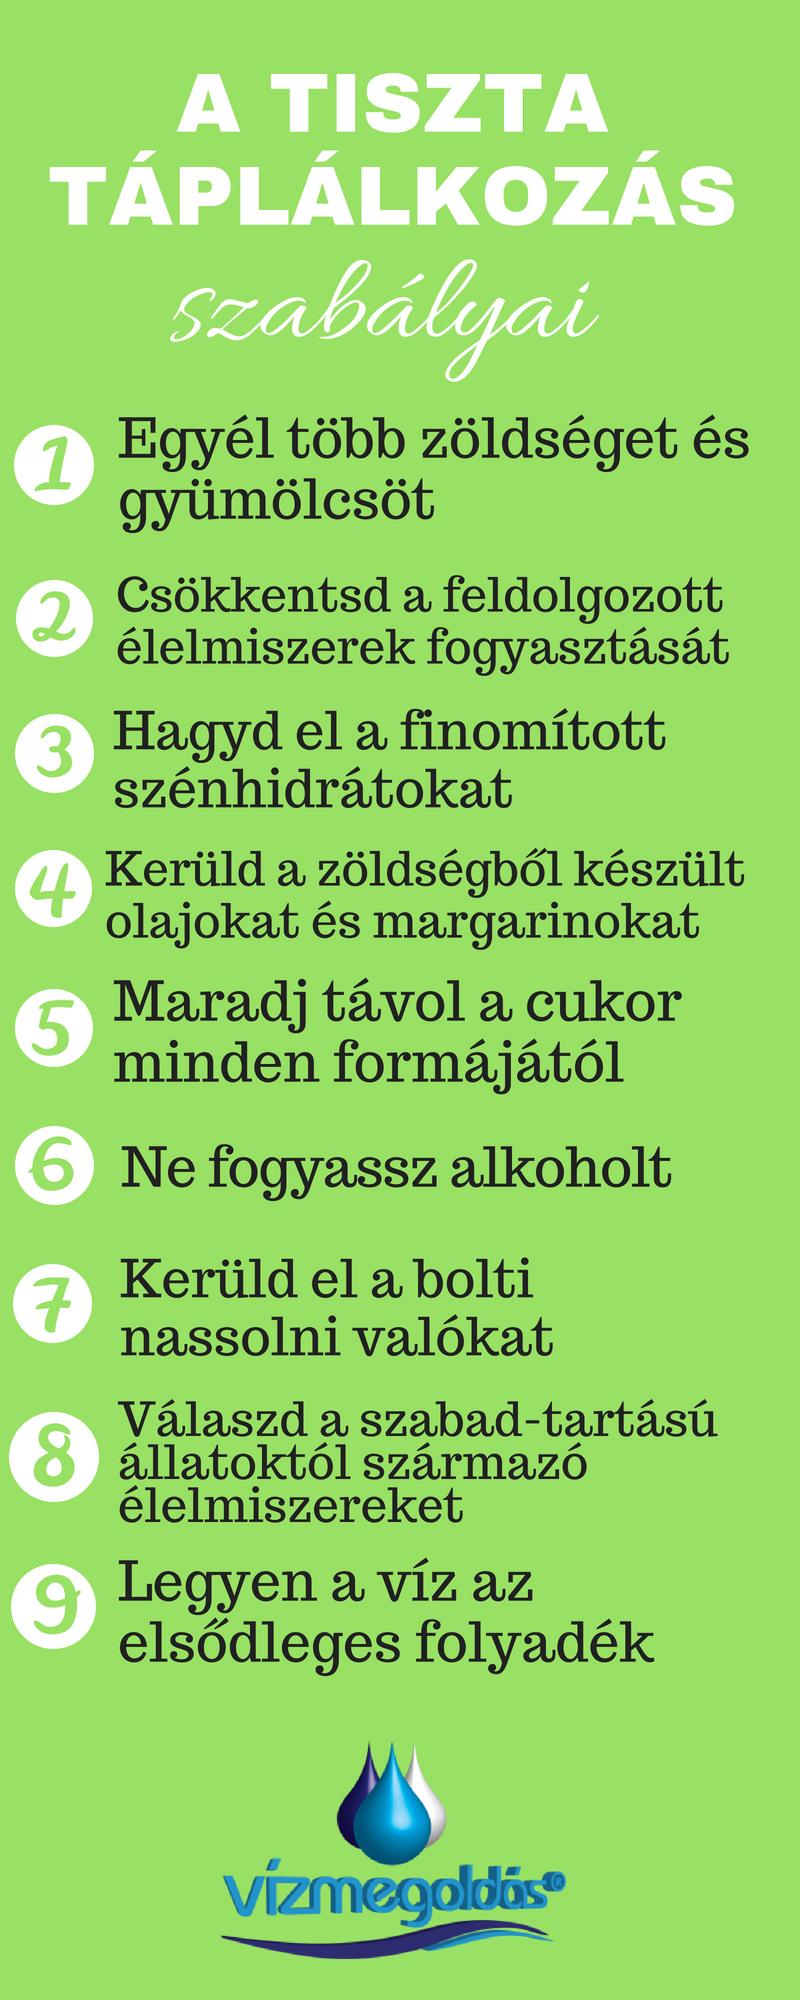 A Clean Eating 13 aranyszabálya   Clean Eating Magyarország